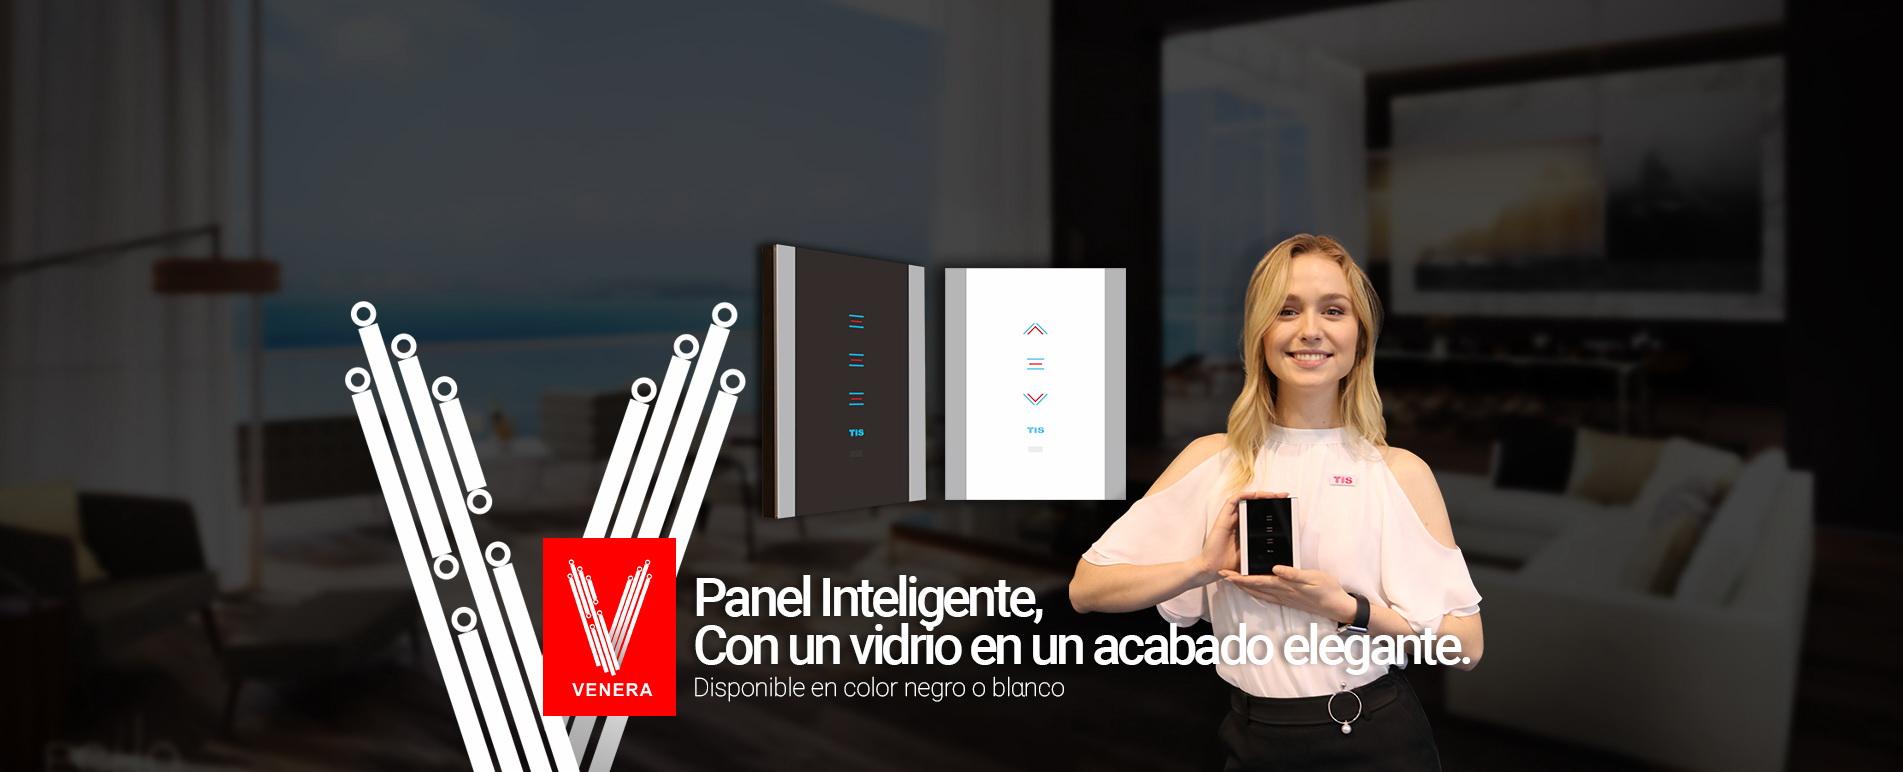 Tecnología TIS– Interruptor de Luces Venera, Inteligente y con Wi-Fi